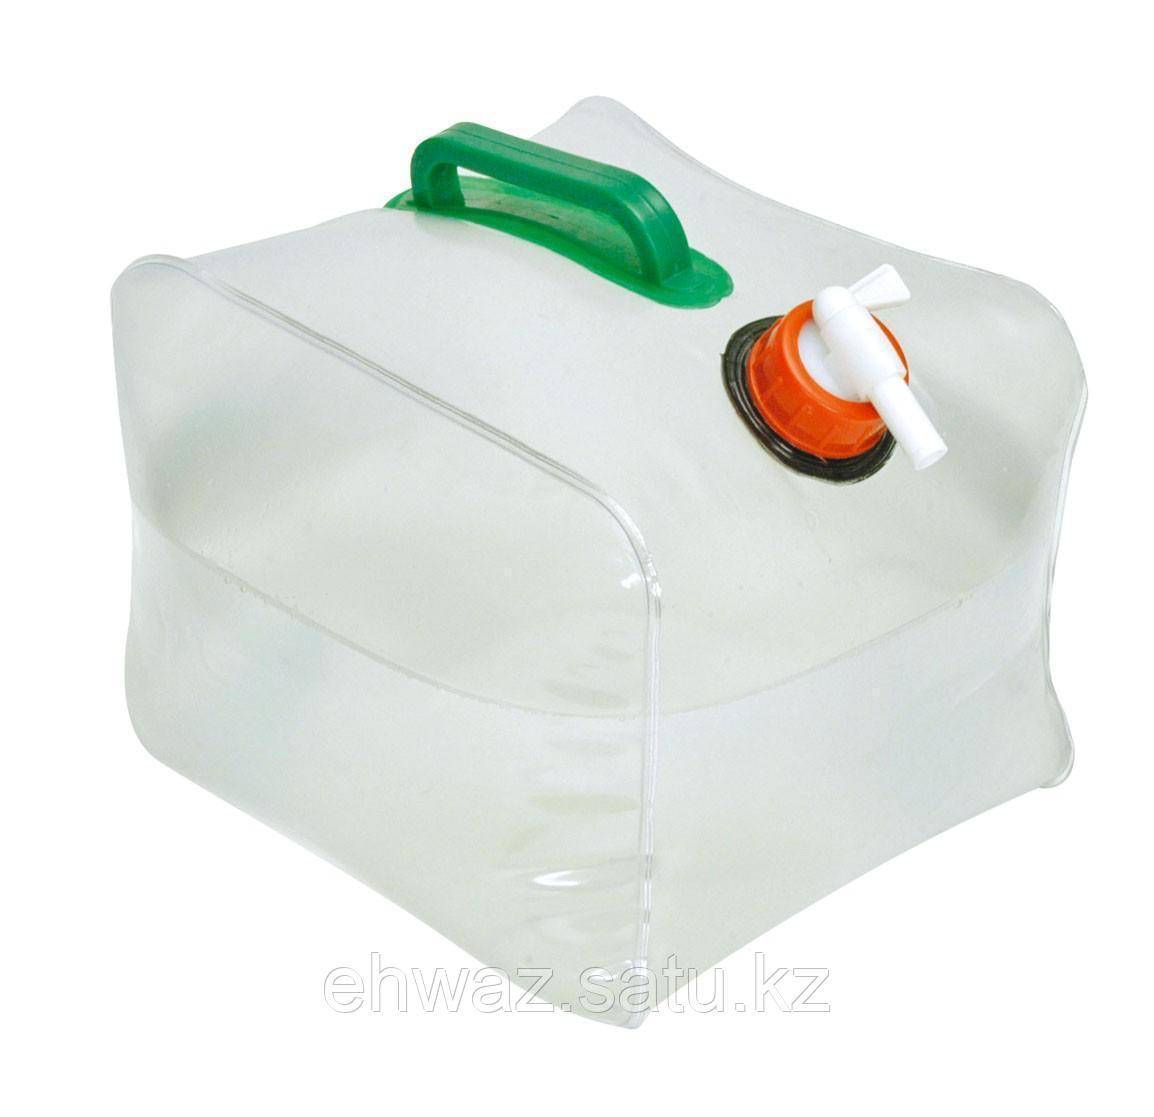 Канистра для воды складная 10 л